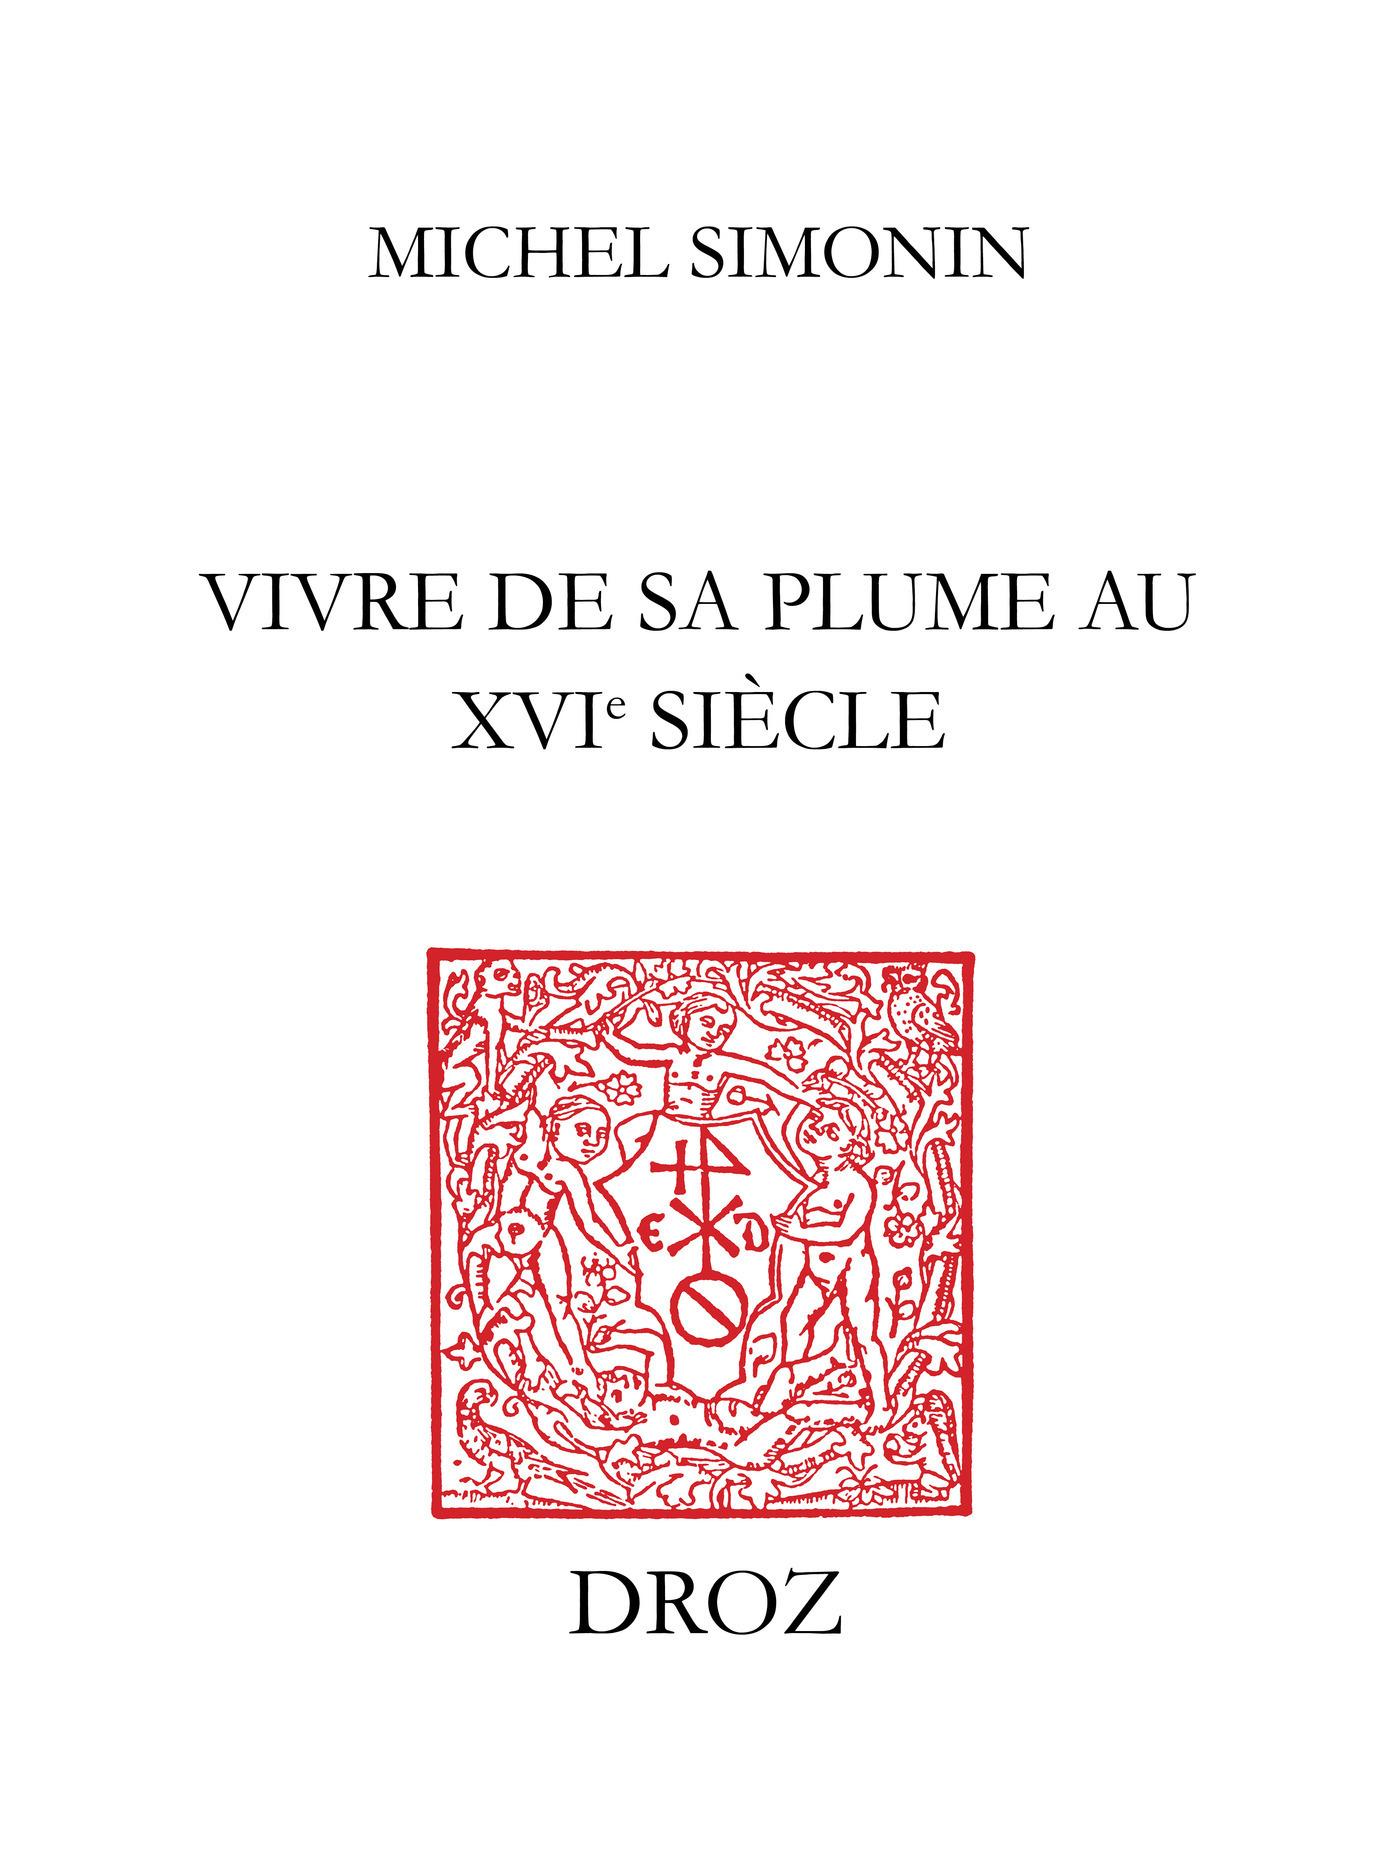 Vivre de sa plume au XVIe siècle  - Michel Simonin